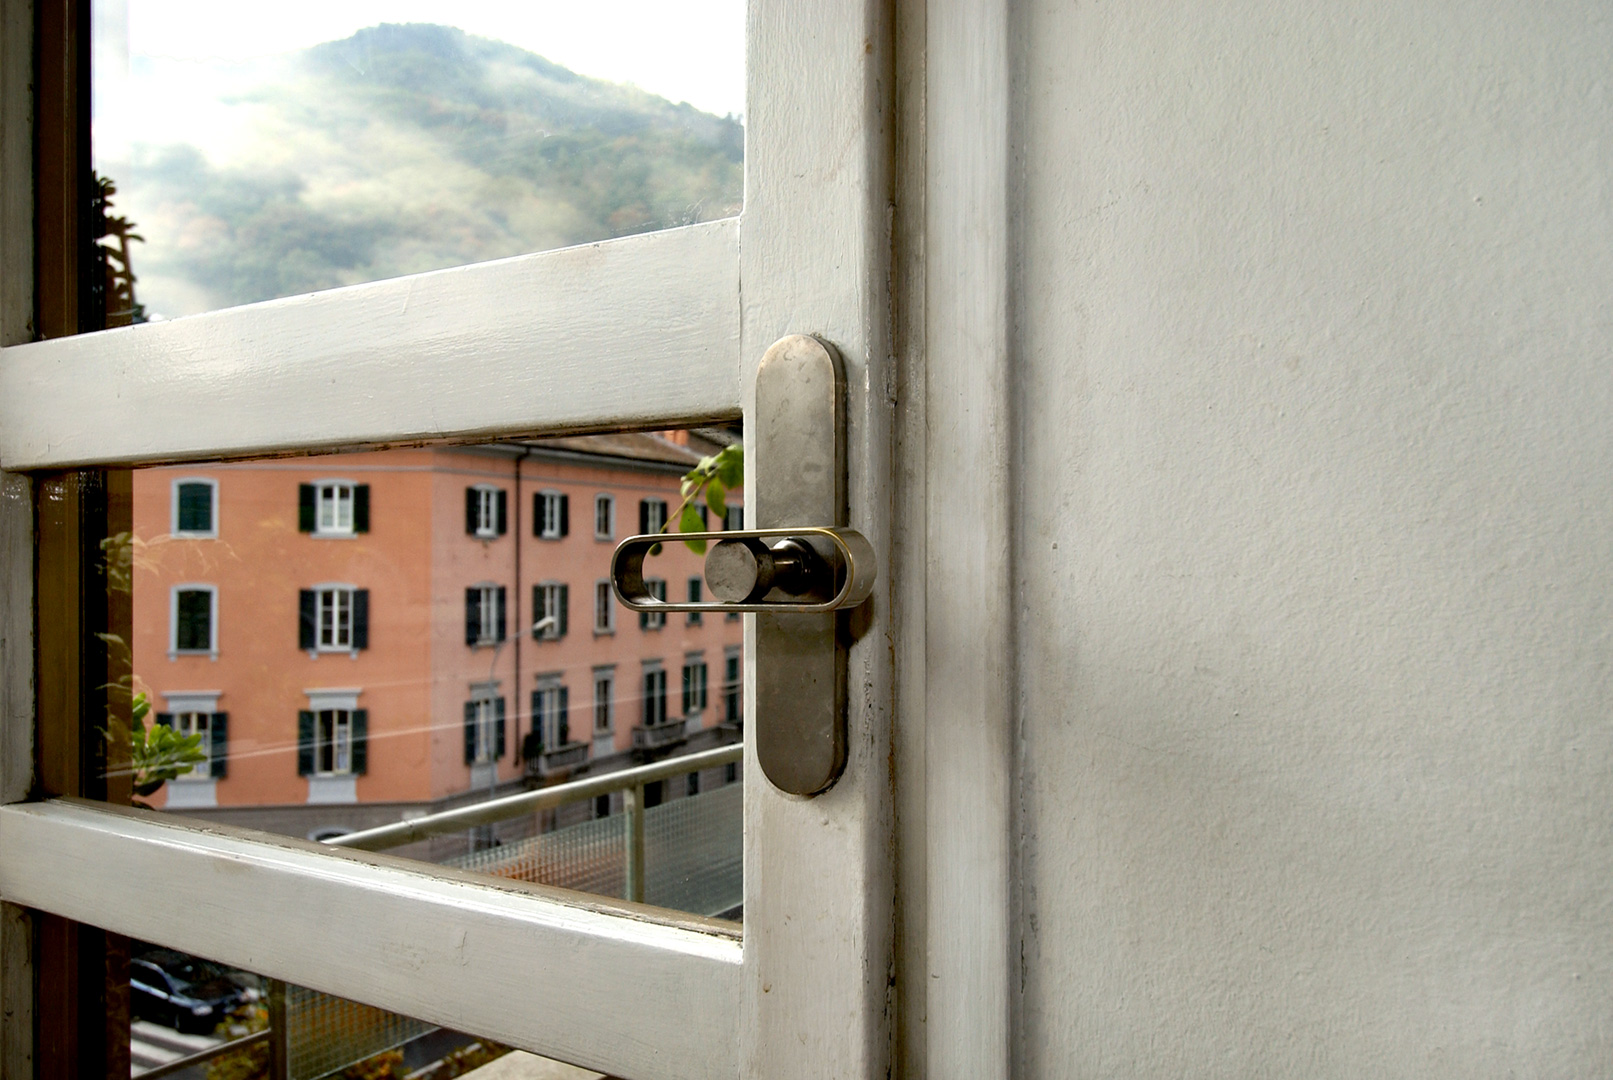 casa-giuliani-frigerio_05_DSC_4180